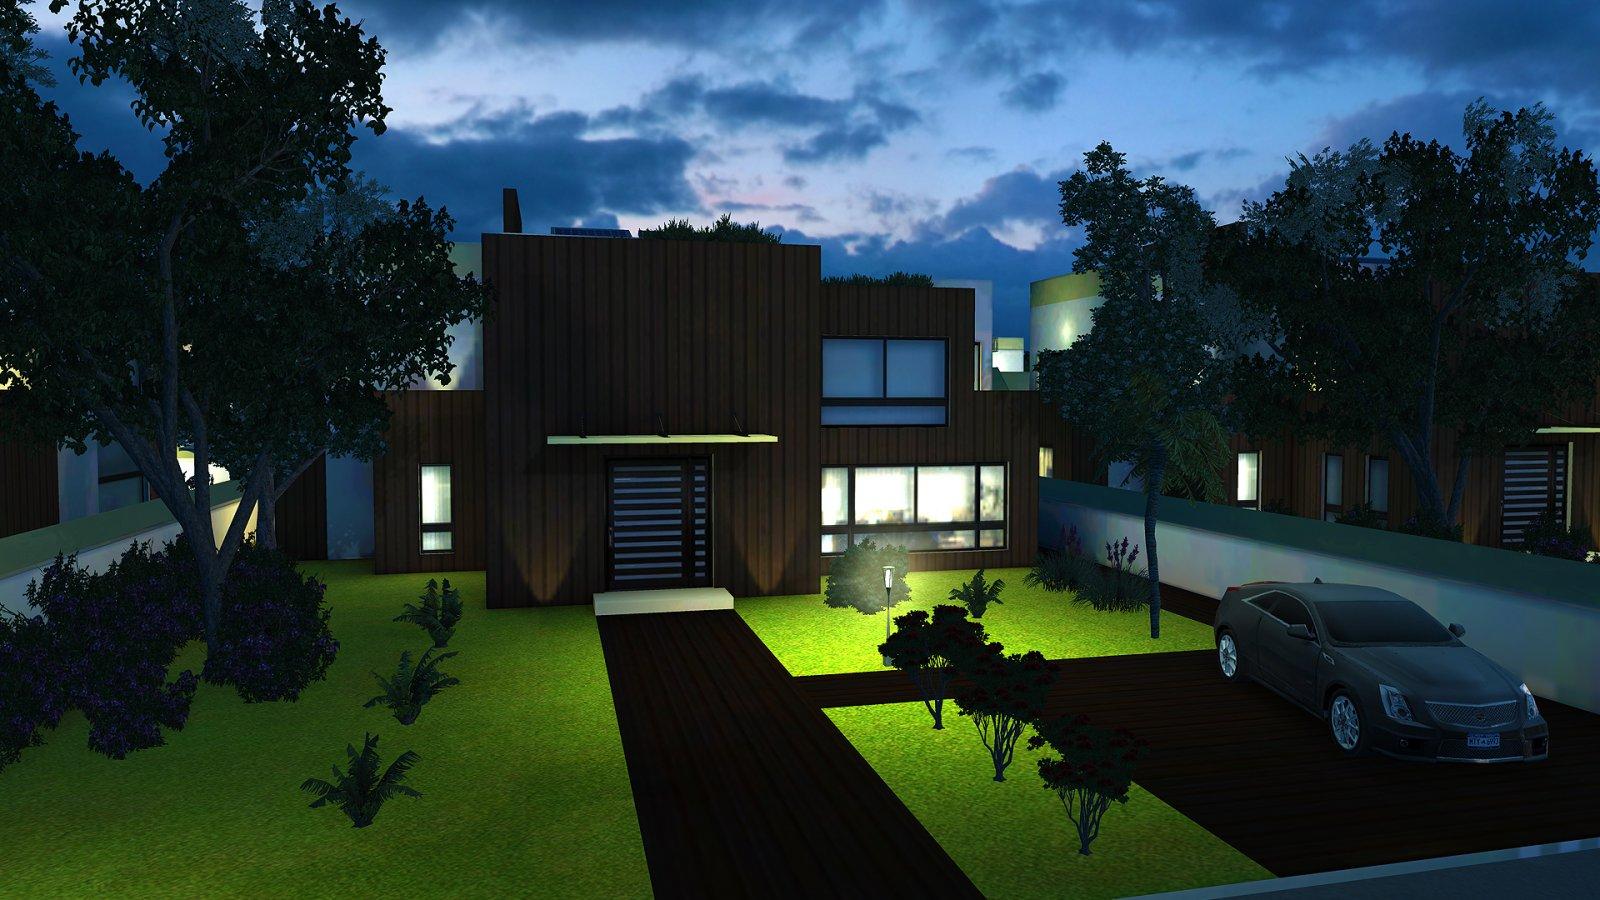 house4_2.jpg